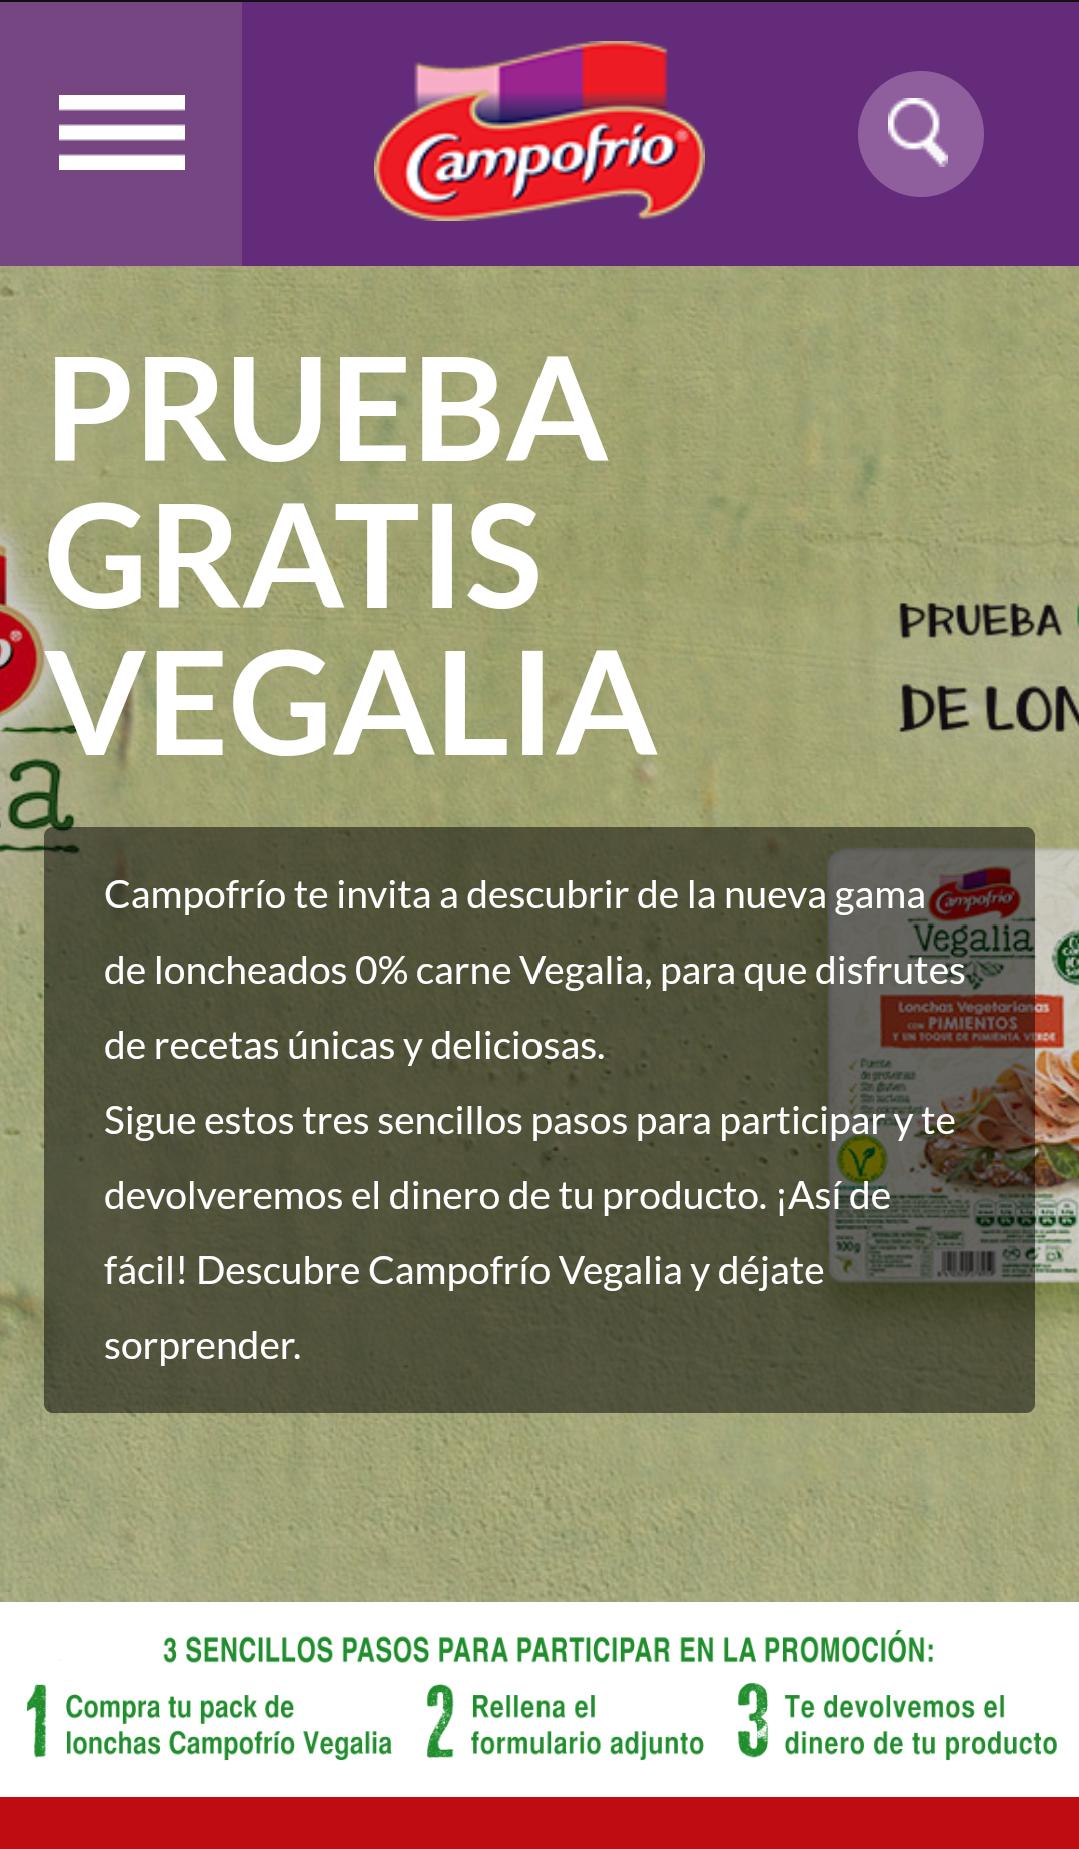 Campofrío Vegalia Gratis